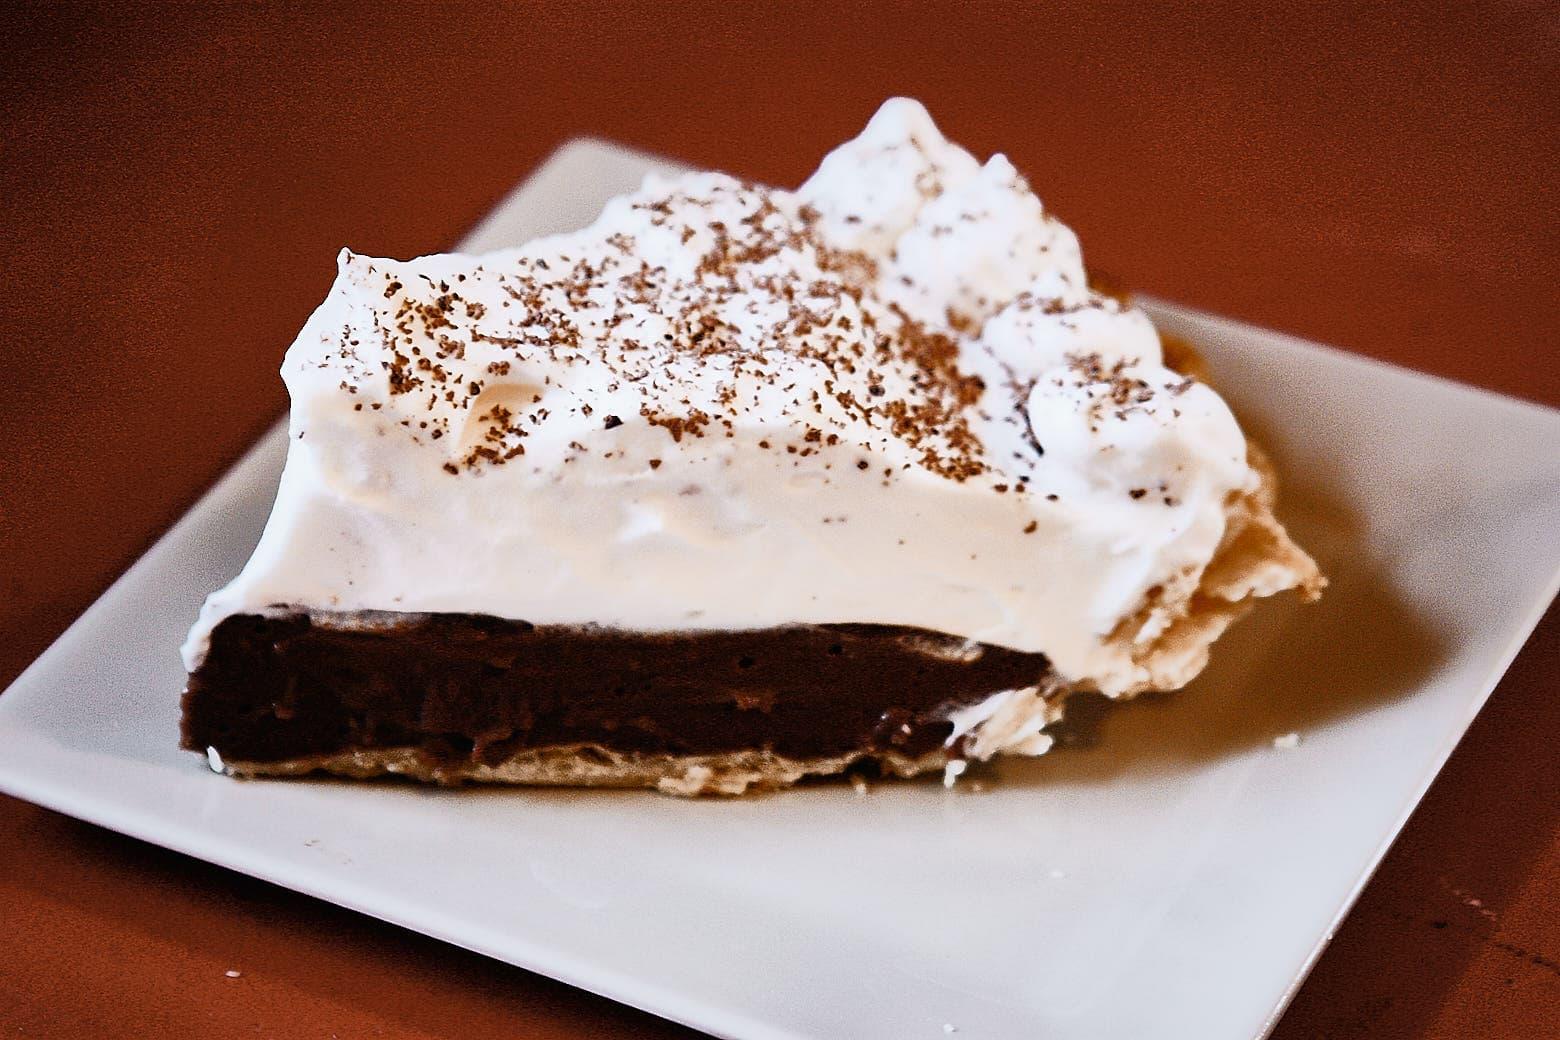 Dairy Free Chocolate Cream Pie